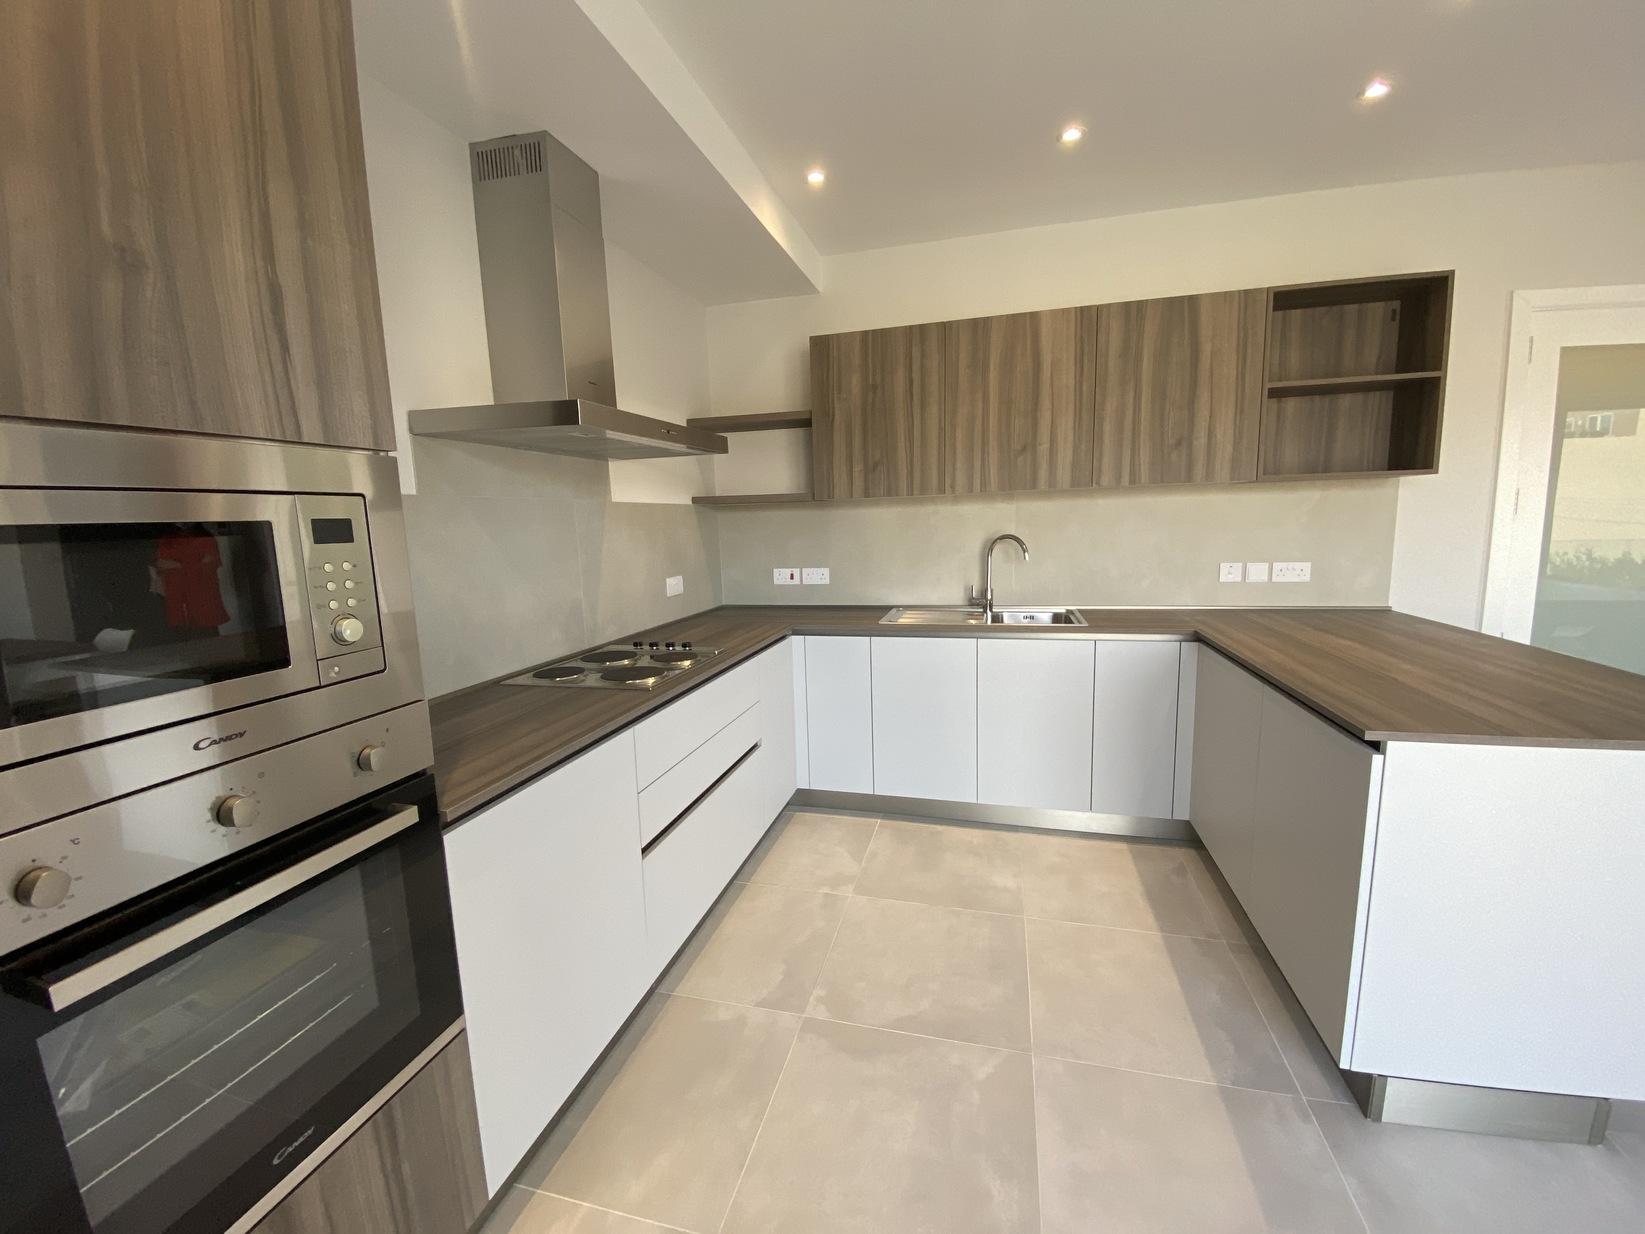 3 bed Apartment For Rent in Lija, Lija - thumb 4